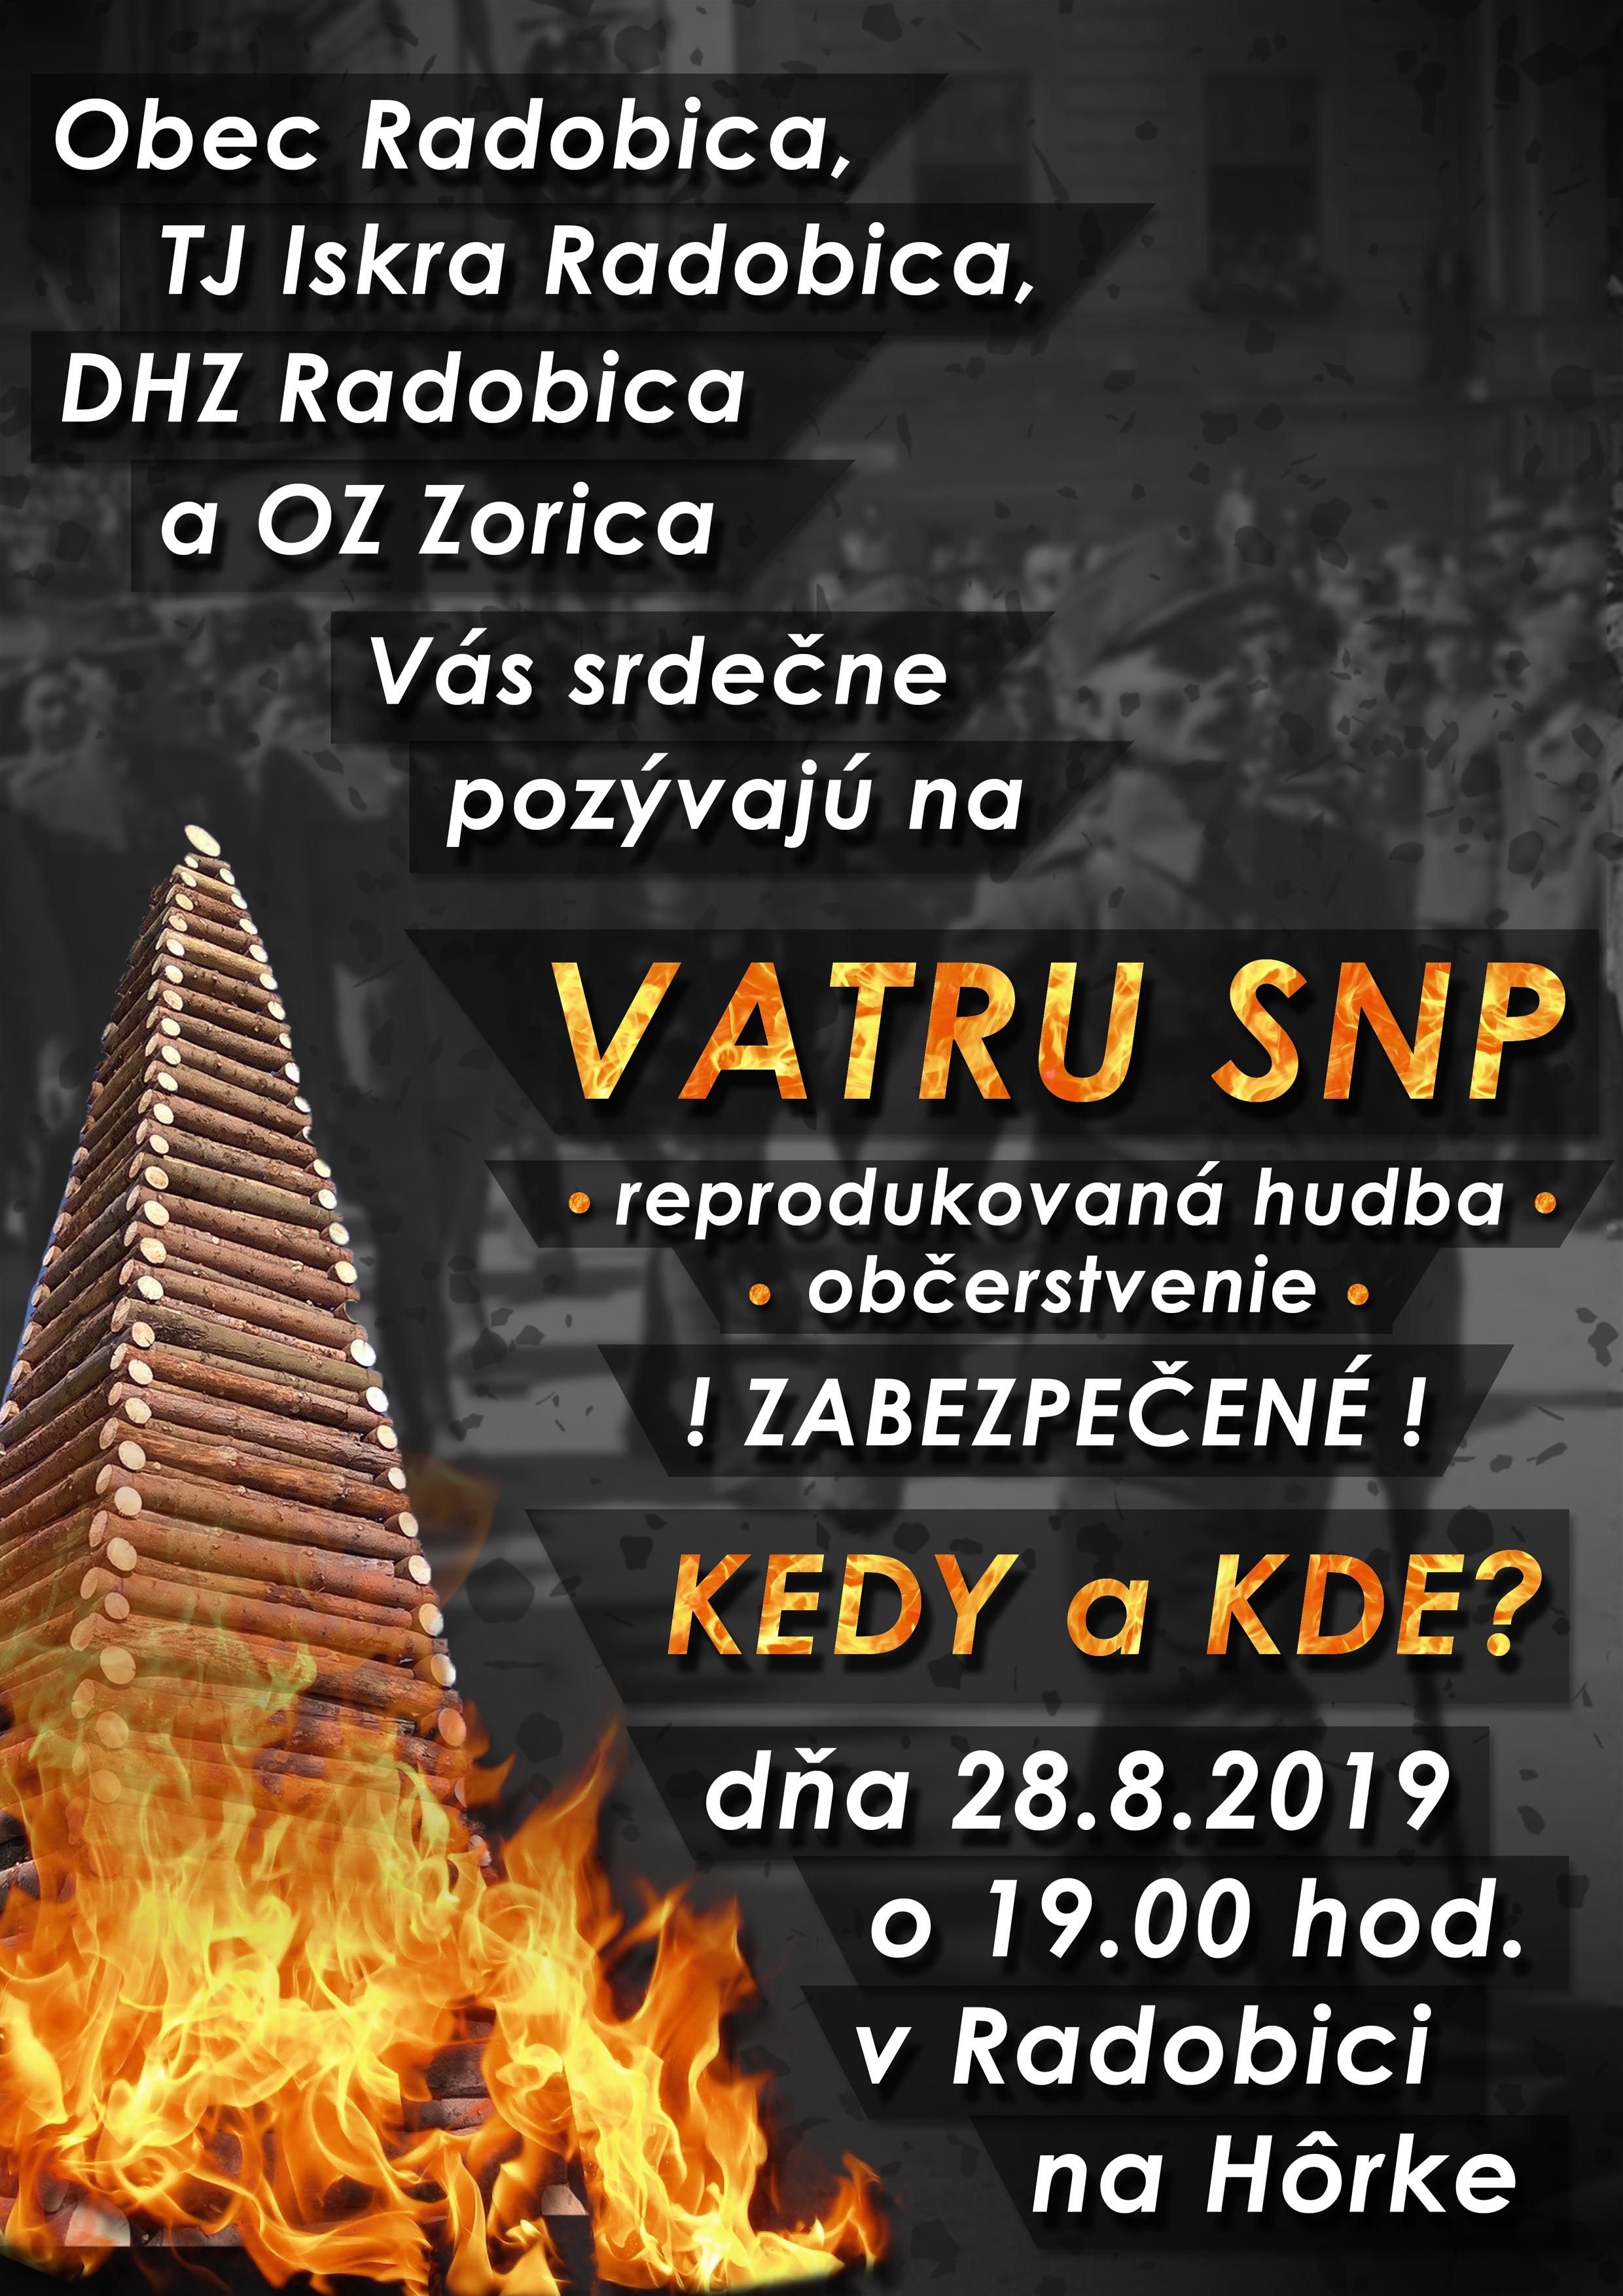 Radobica Vatra SNP